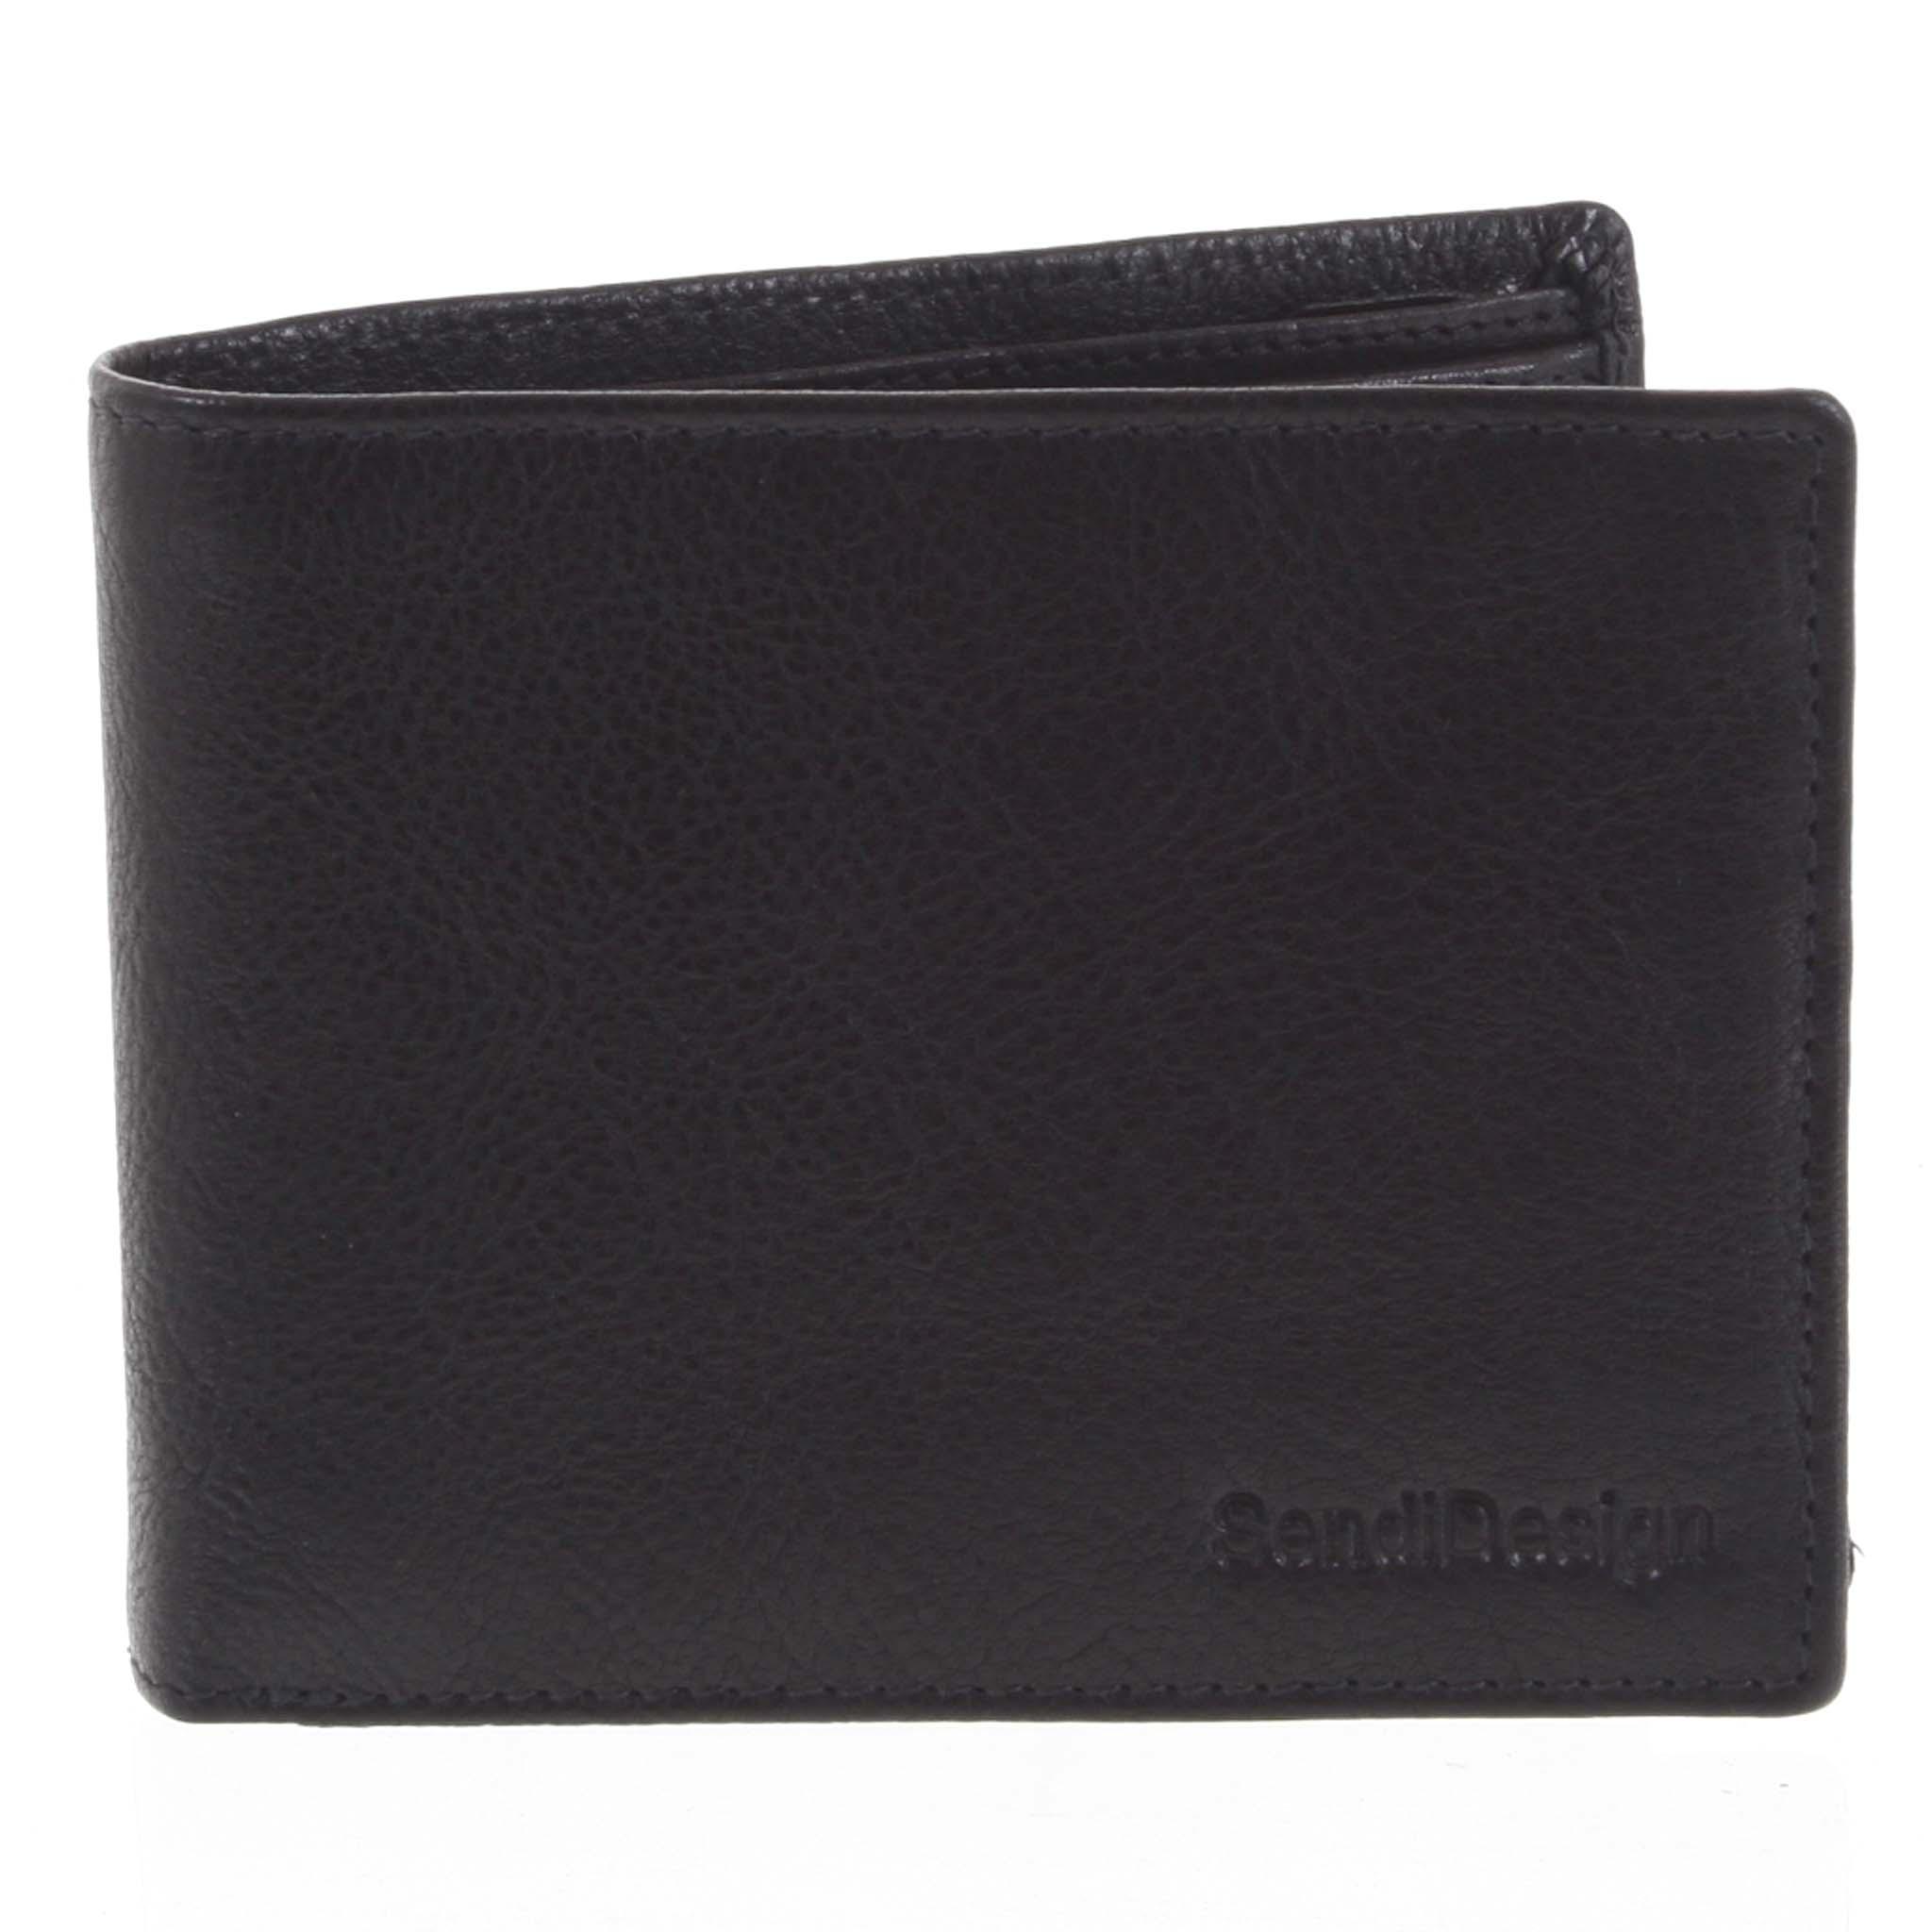 Pánská kožená peněženka černá - SendiDesign Maty černá